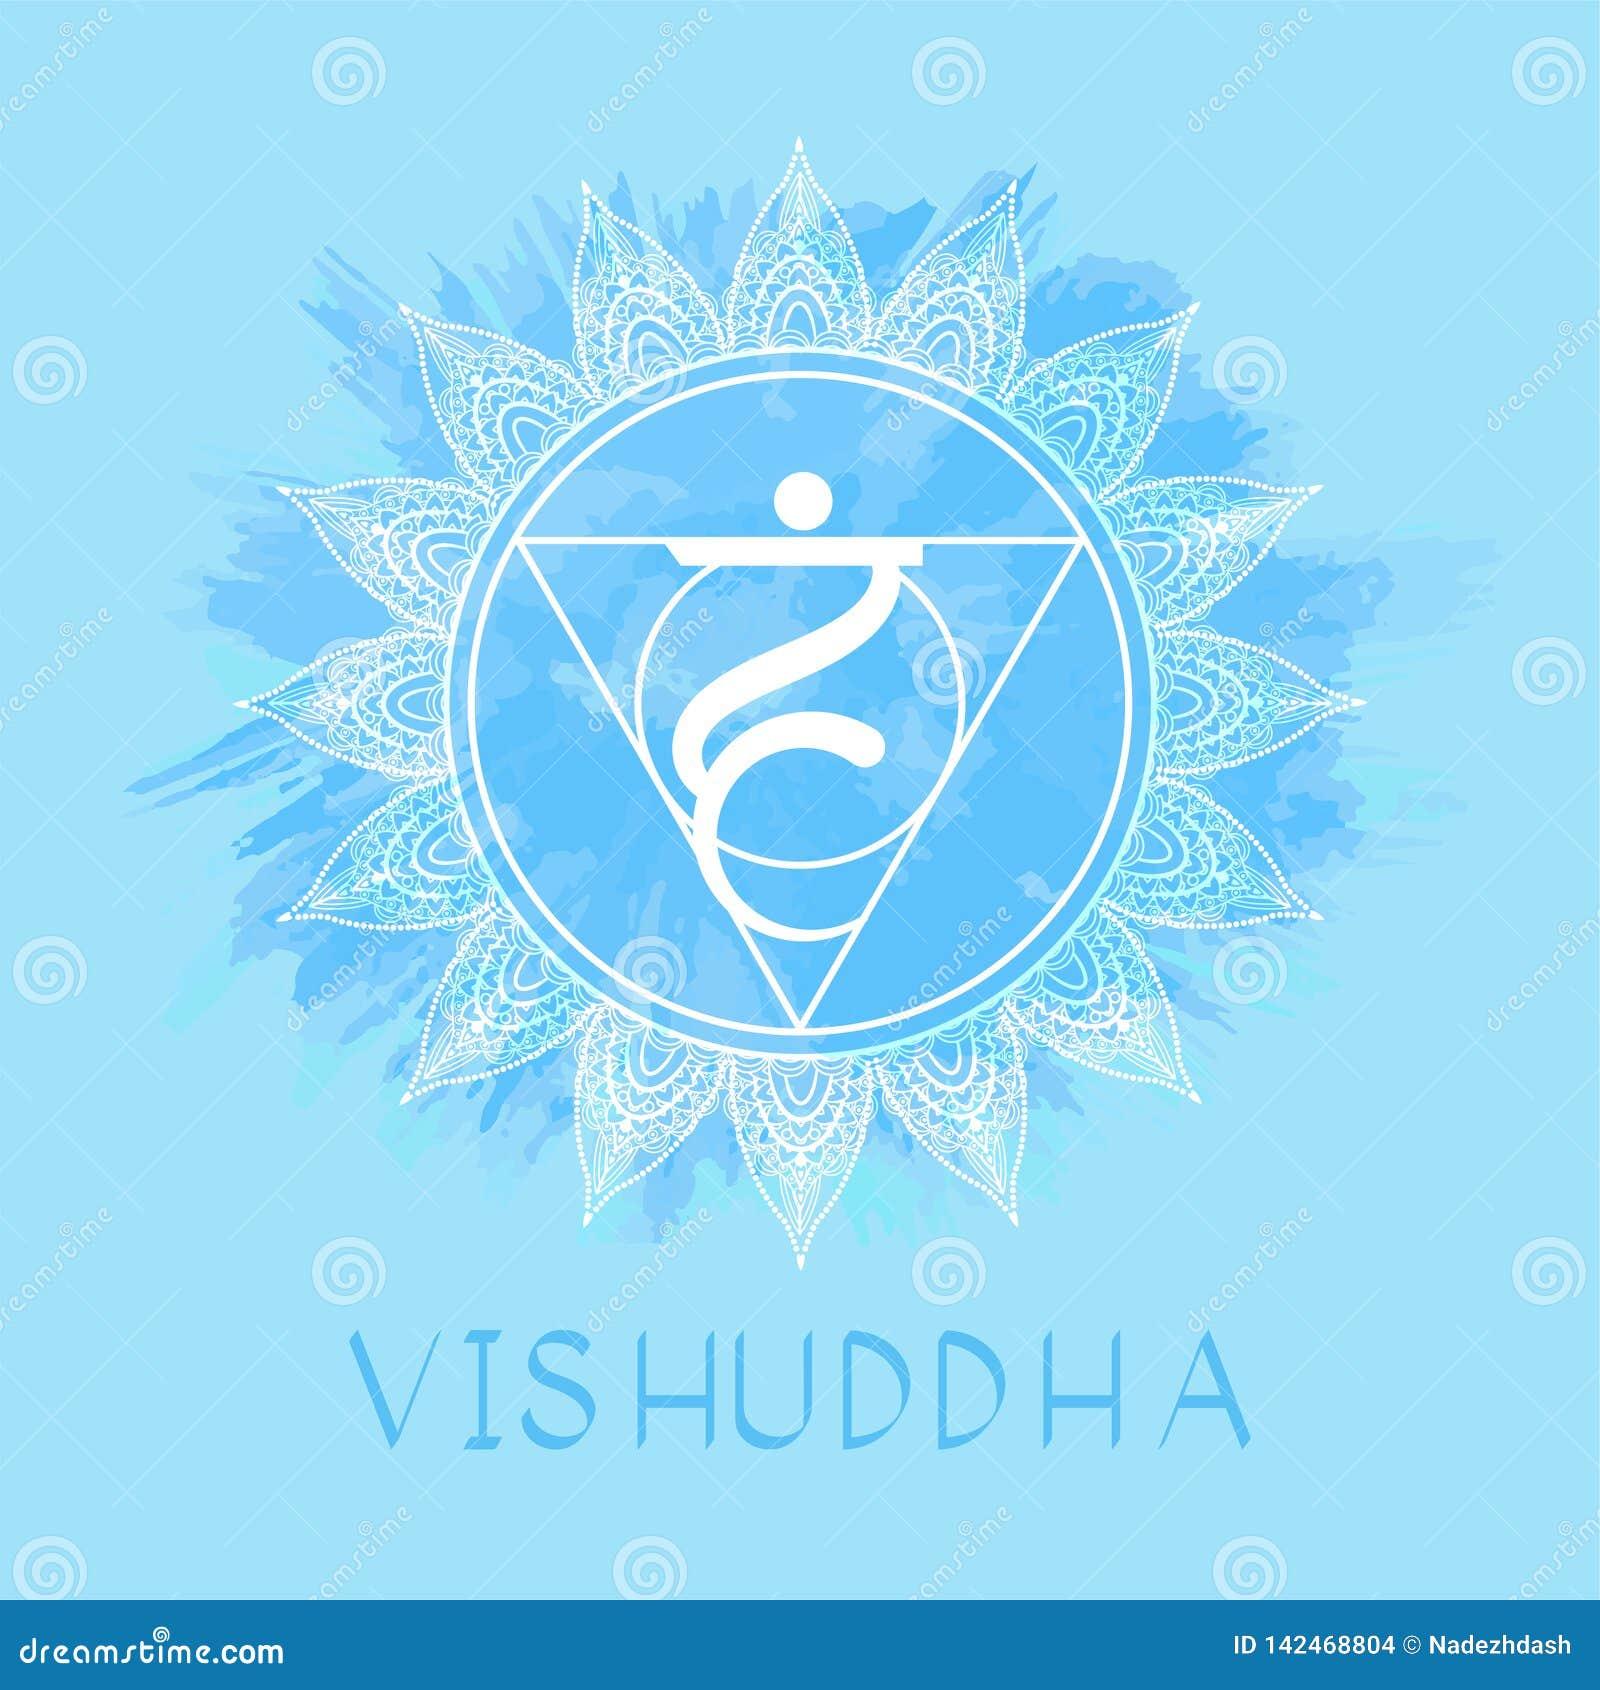 Vektorillustration mit Symbol Vishuddha - Kehle-chakra auf Aquarellhintergrund